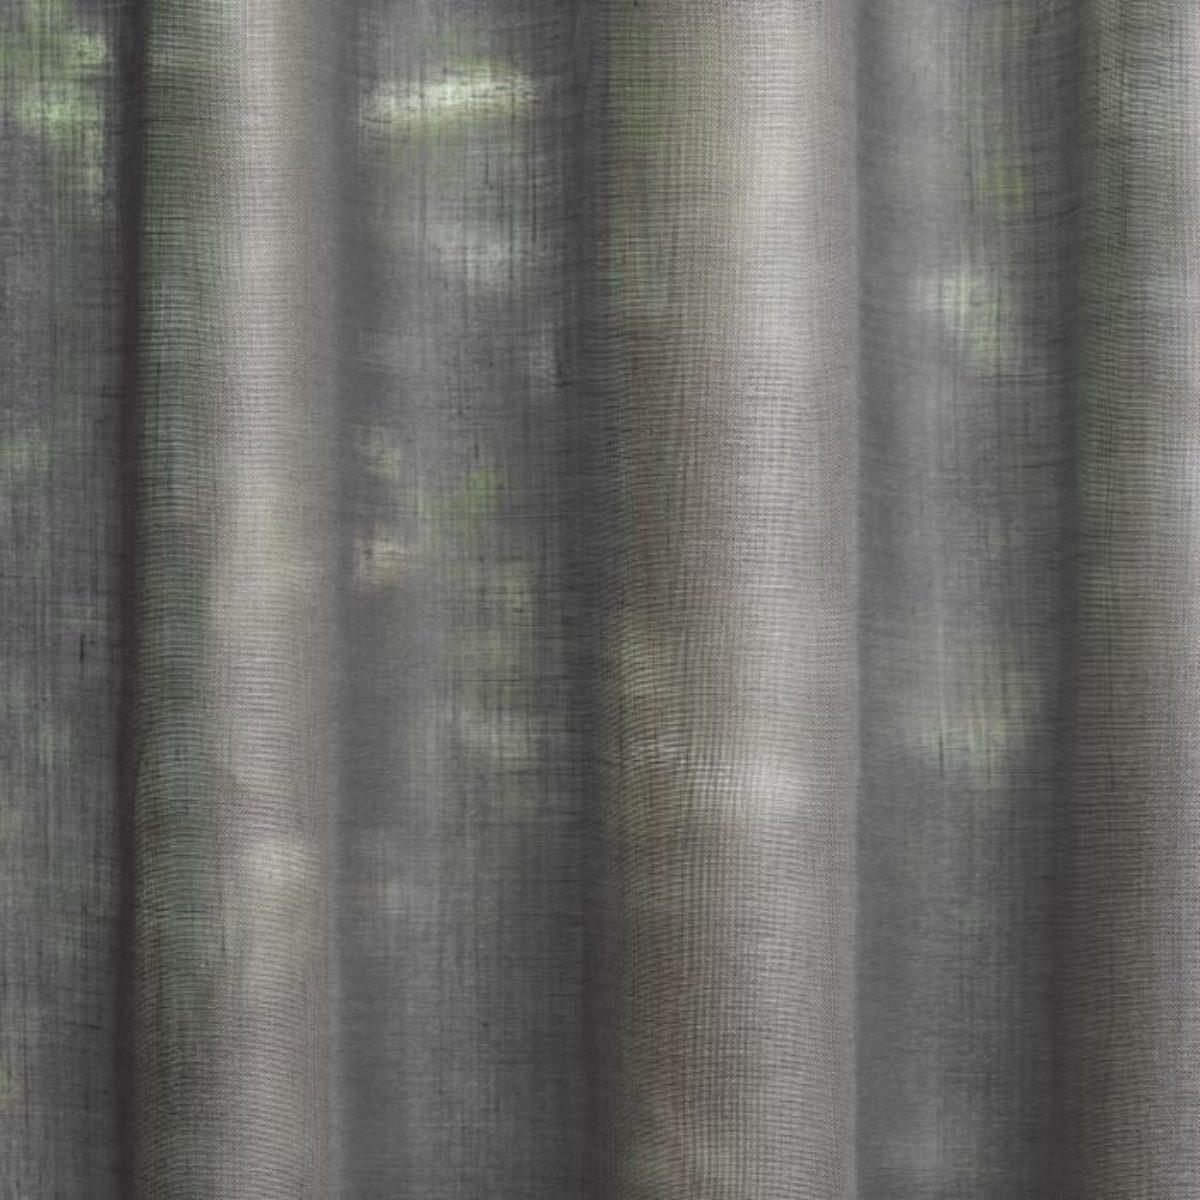 Ploeg gordijnen in between vitrage stoffen collectie configurable 0103190080 wisper 08 80 001 detail4